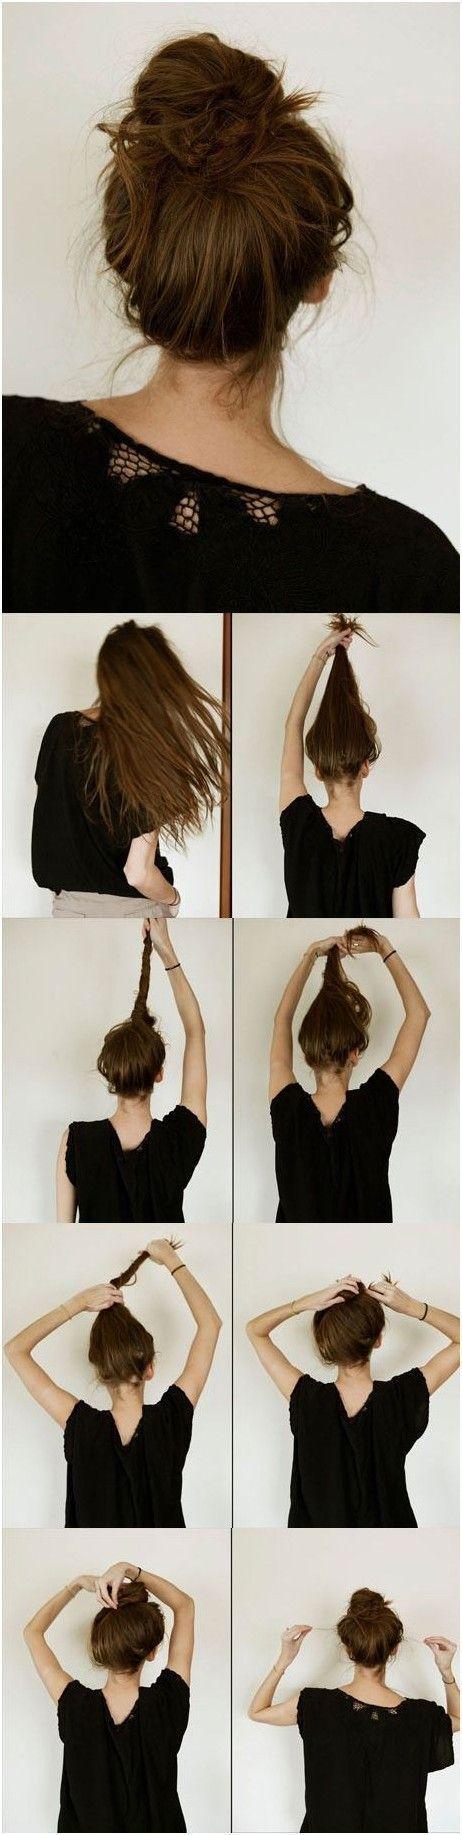 15 tutoriales simples de peinado para todas las ocasiones